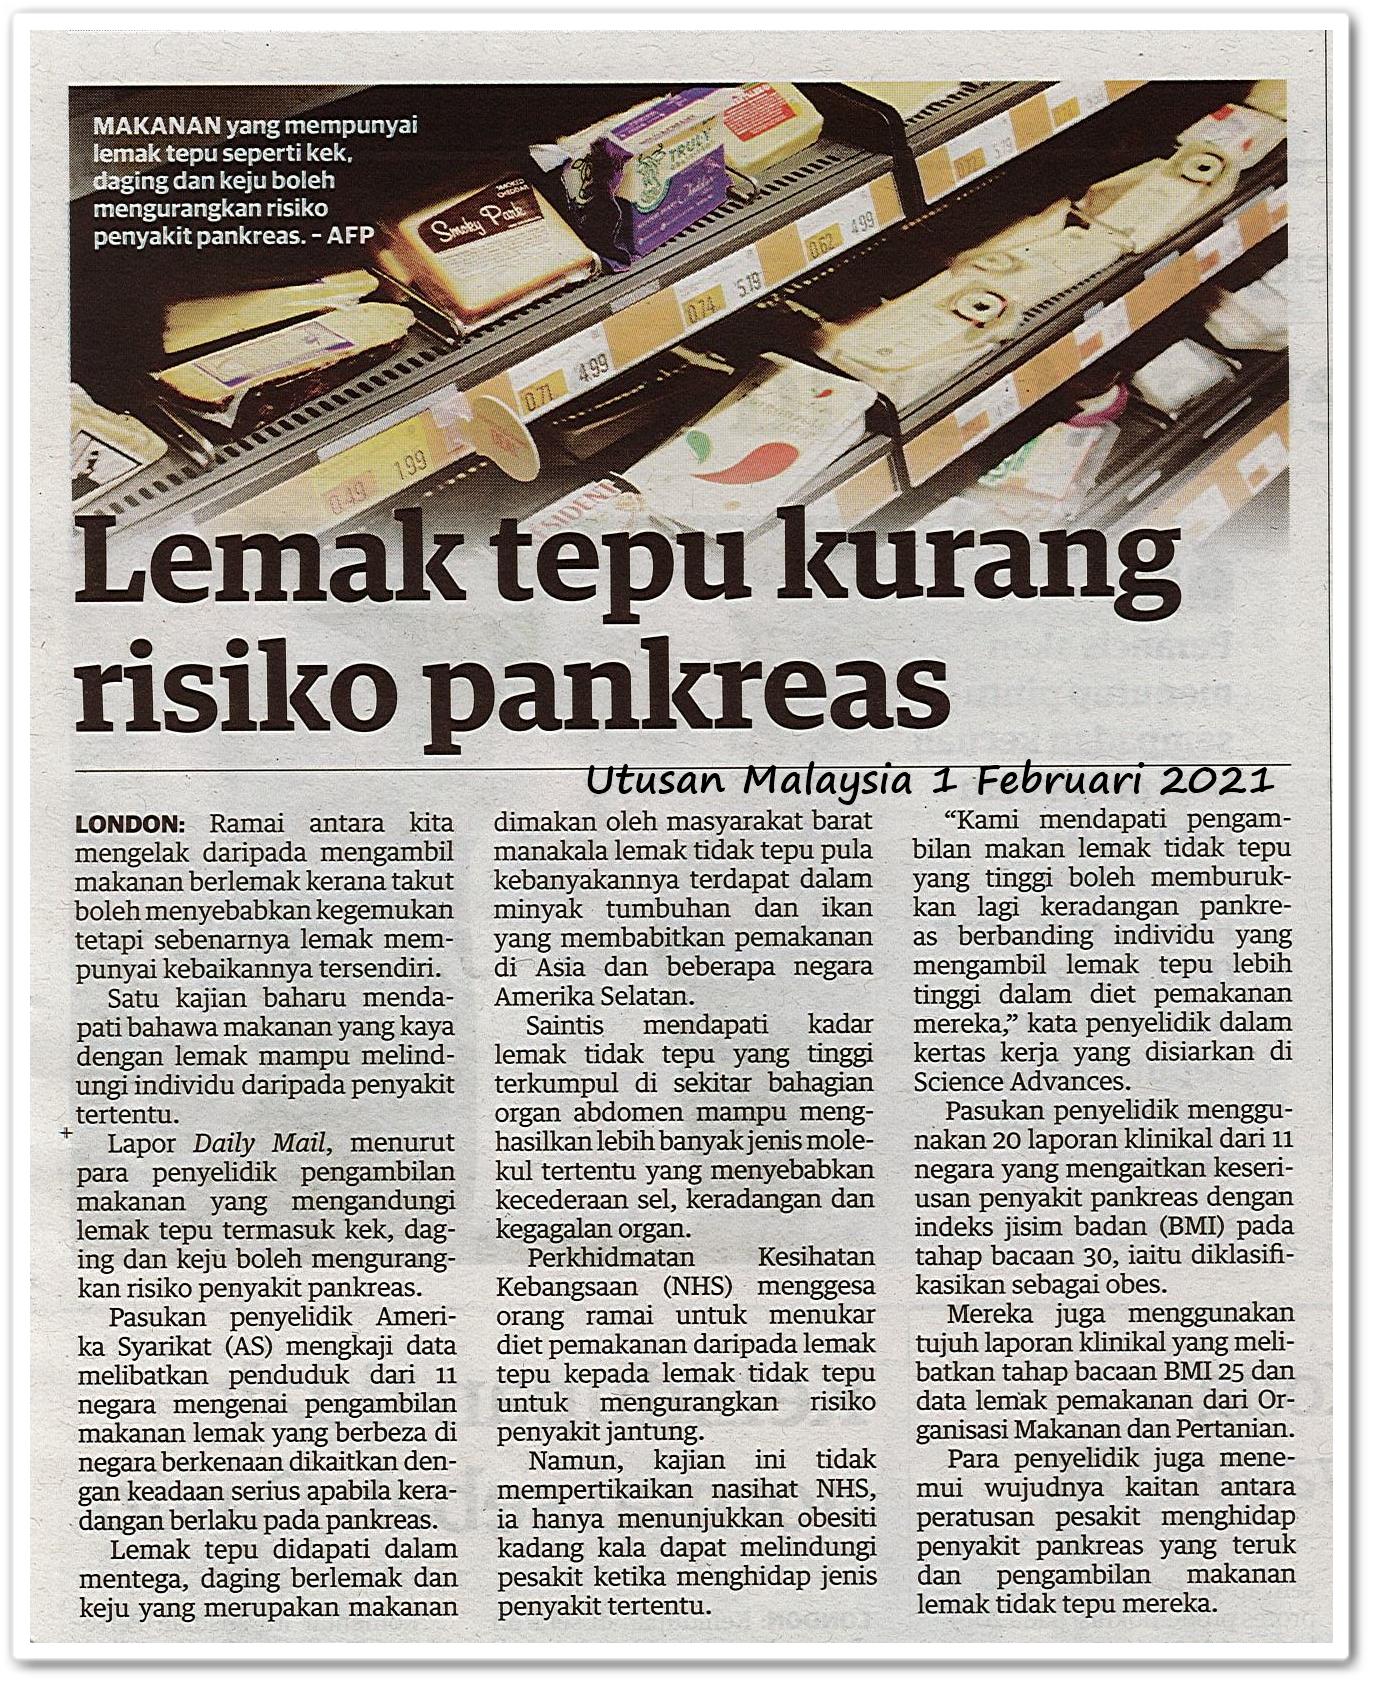 Lemak tepu kurang risiko pankreas - Keratan akhbar Utusan Malaysia 1 Februari 2021